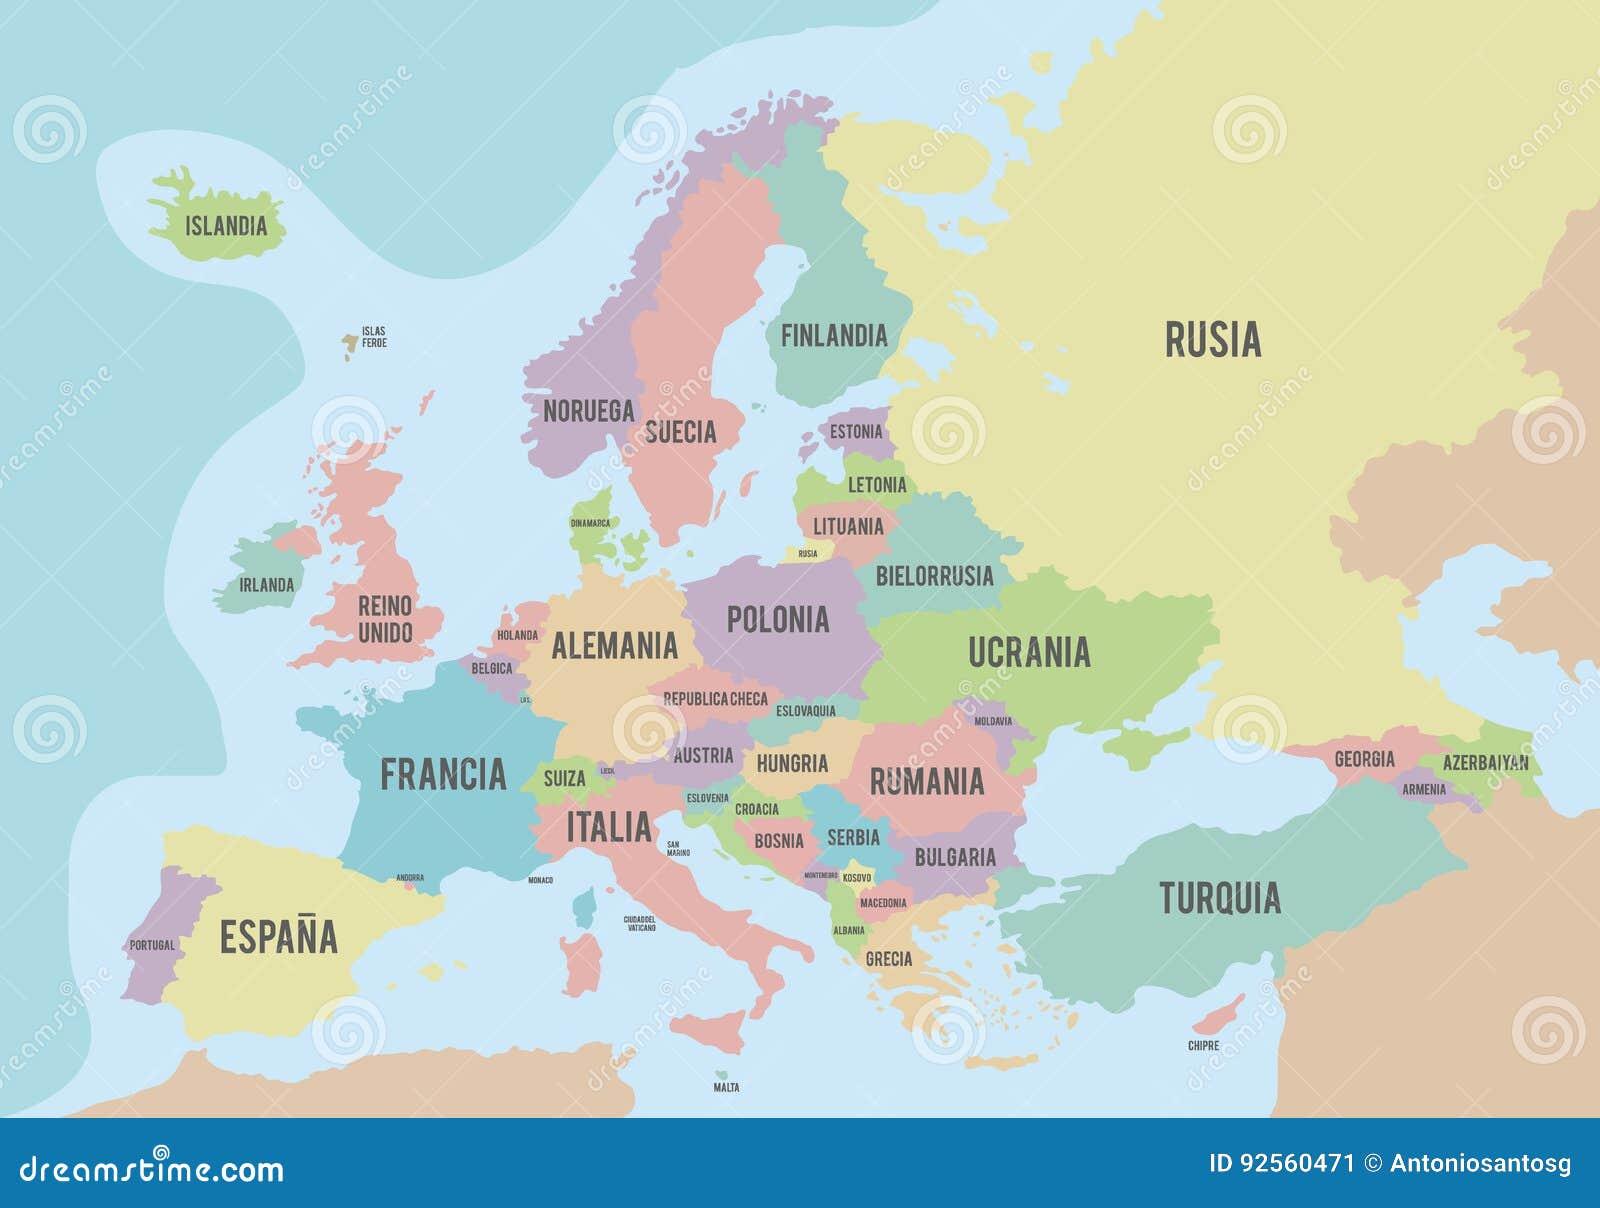 Mapa político de Europa con diversos colores para cada país y los nombres en español